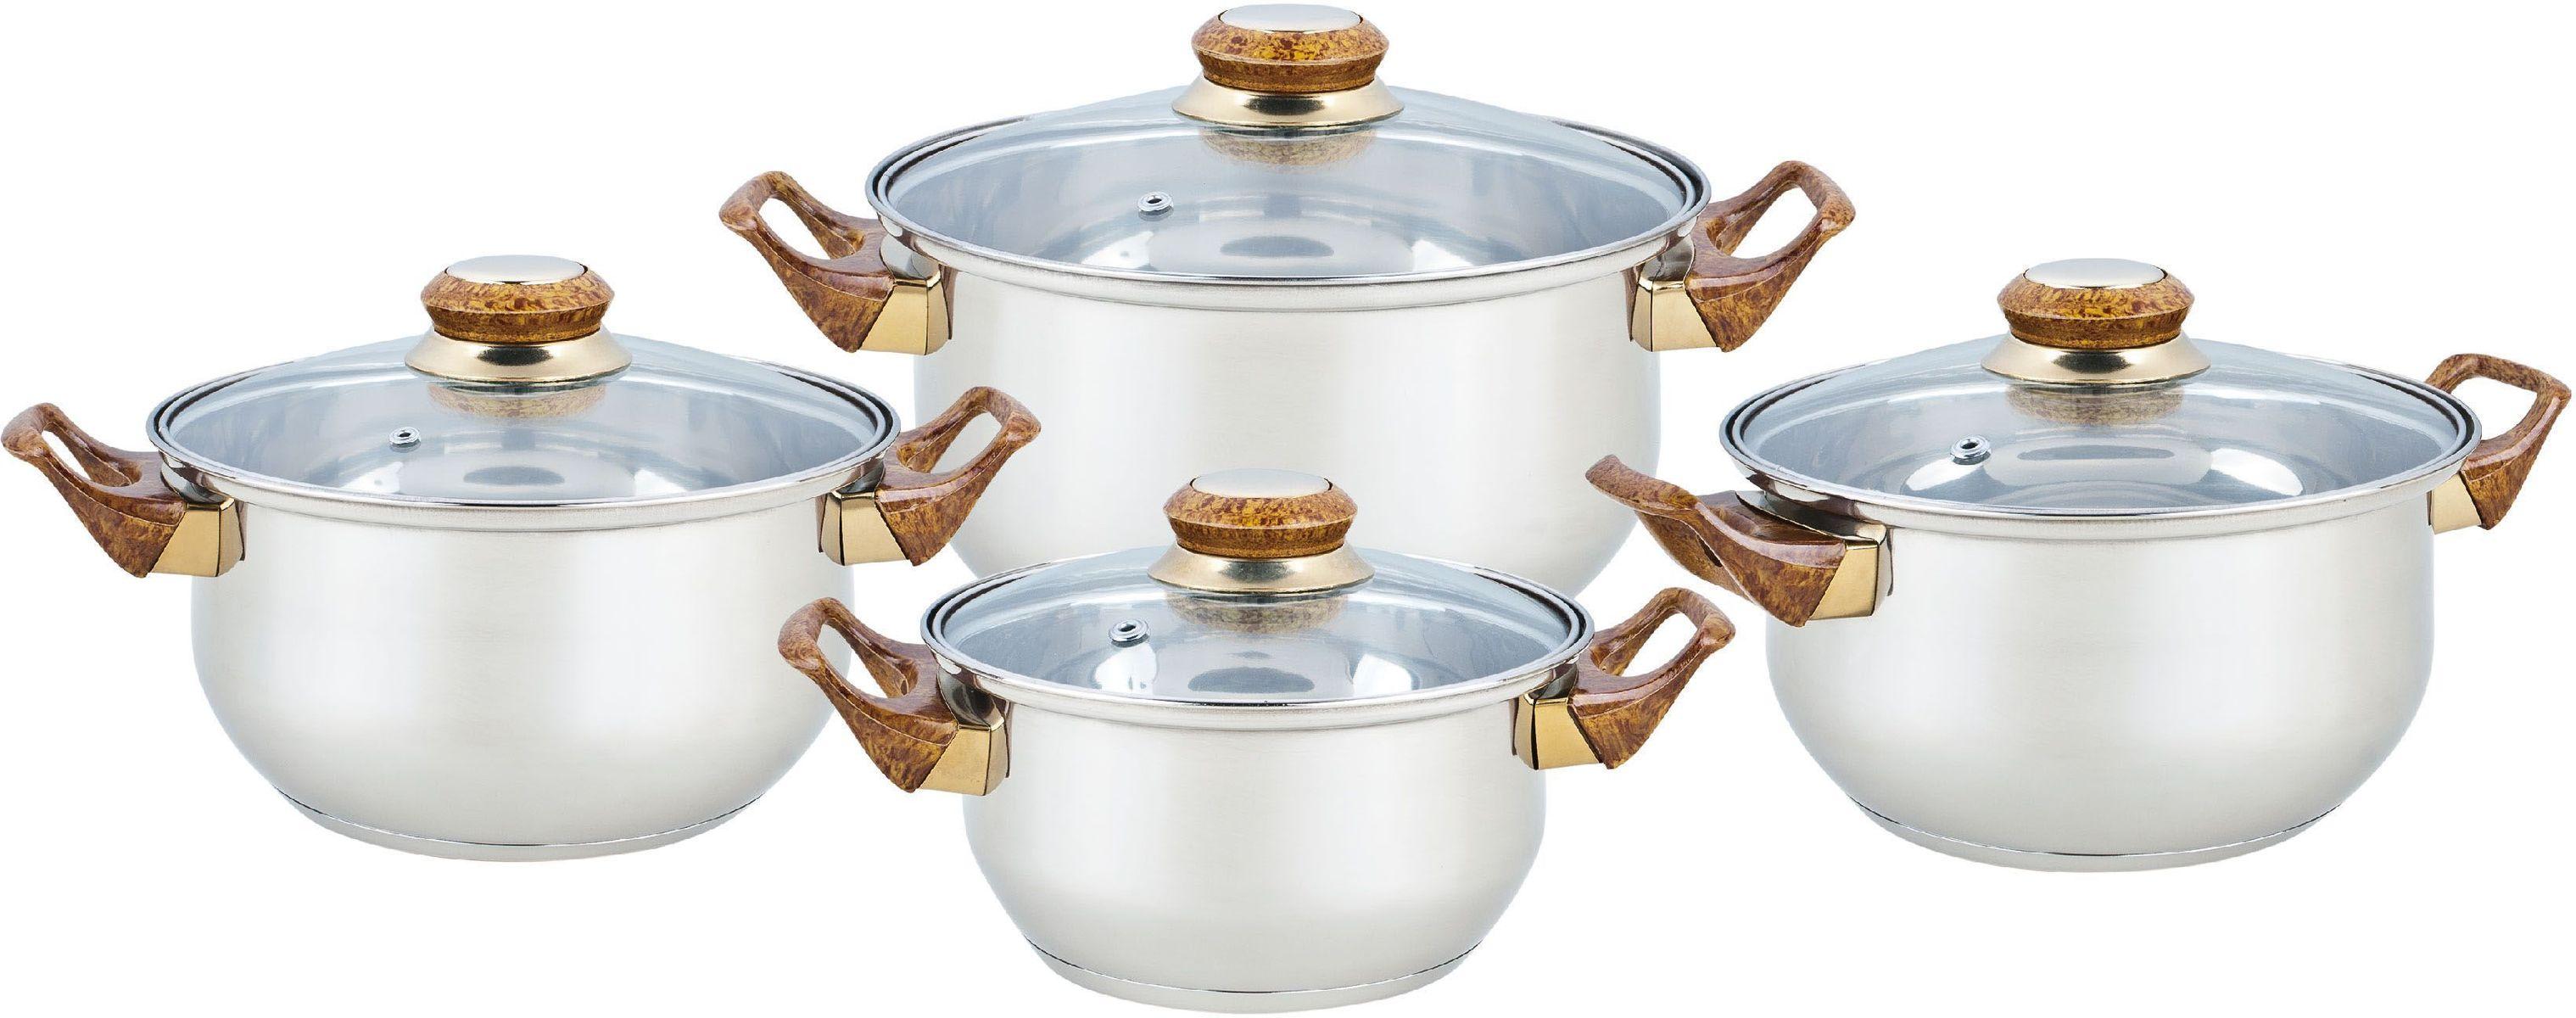 Набор посуды Bekker Classic, 8 предметов. BK-460454 0093128 предметов: 4 кастрюли со стеклянными крышками 16см/1,5л, 18см/2,1л, 20см/3л, 24см/6л. Ручки бакелитовые под дерево, поверхность зеркальная, капсулированное дно, толщина стенки 0,3 мм, дна 1,0 мм. Подходит для чистки в посудомоечной машине. Состав: нержавеющая сталь.